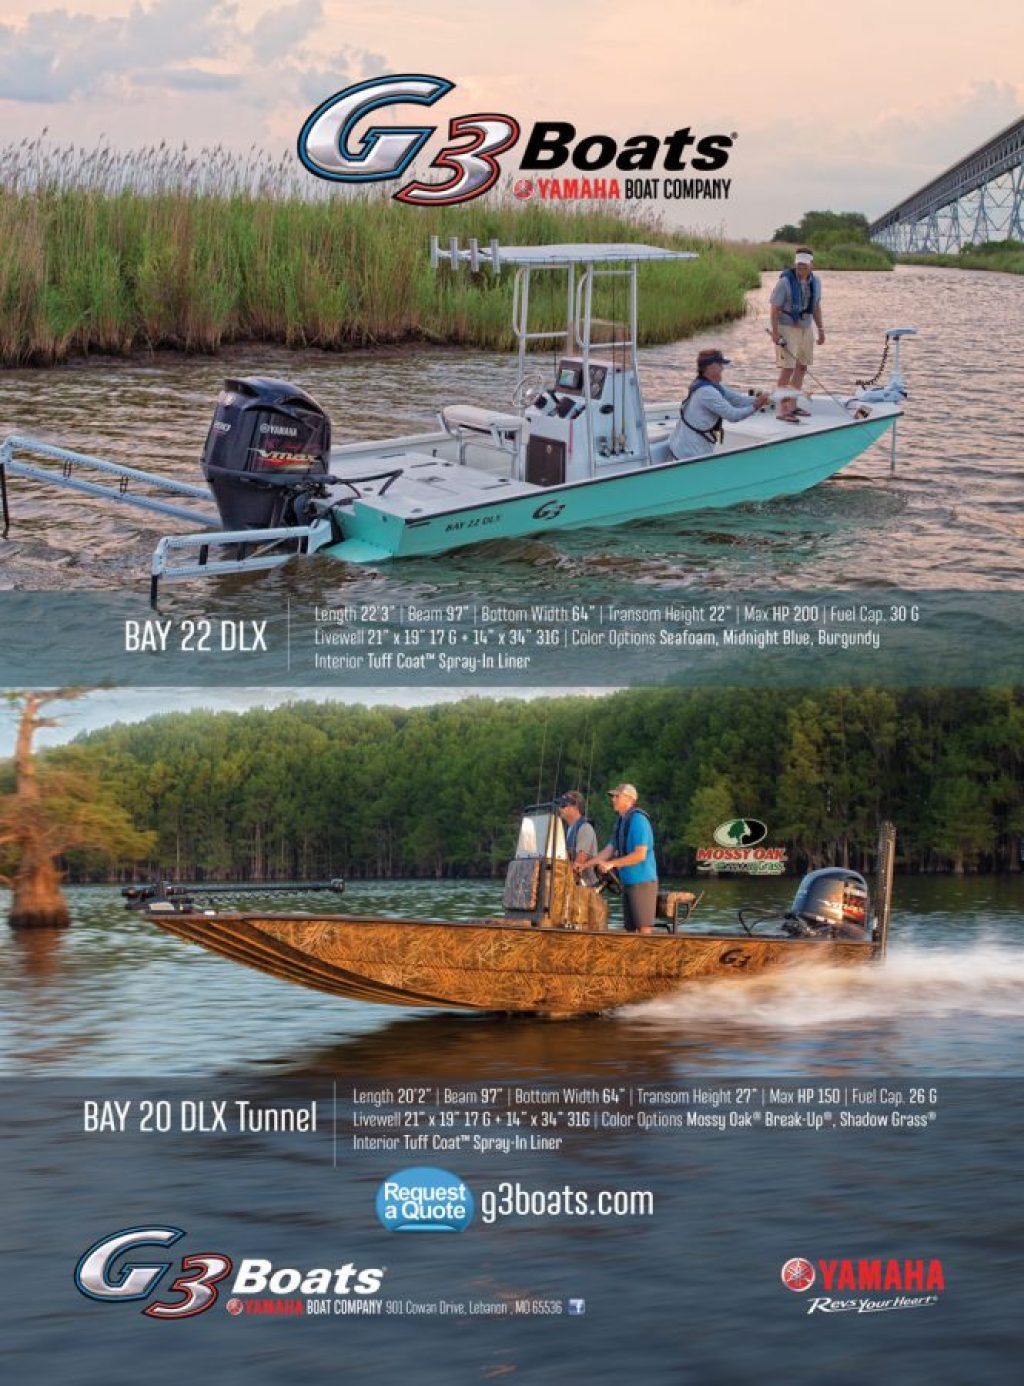 Yamaha G3 Boats